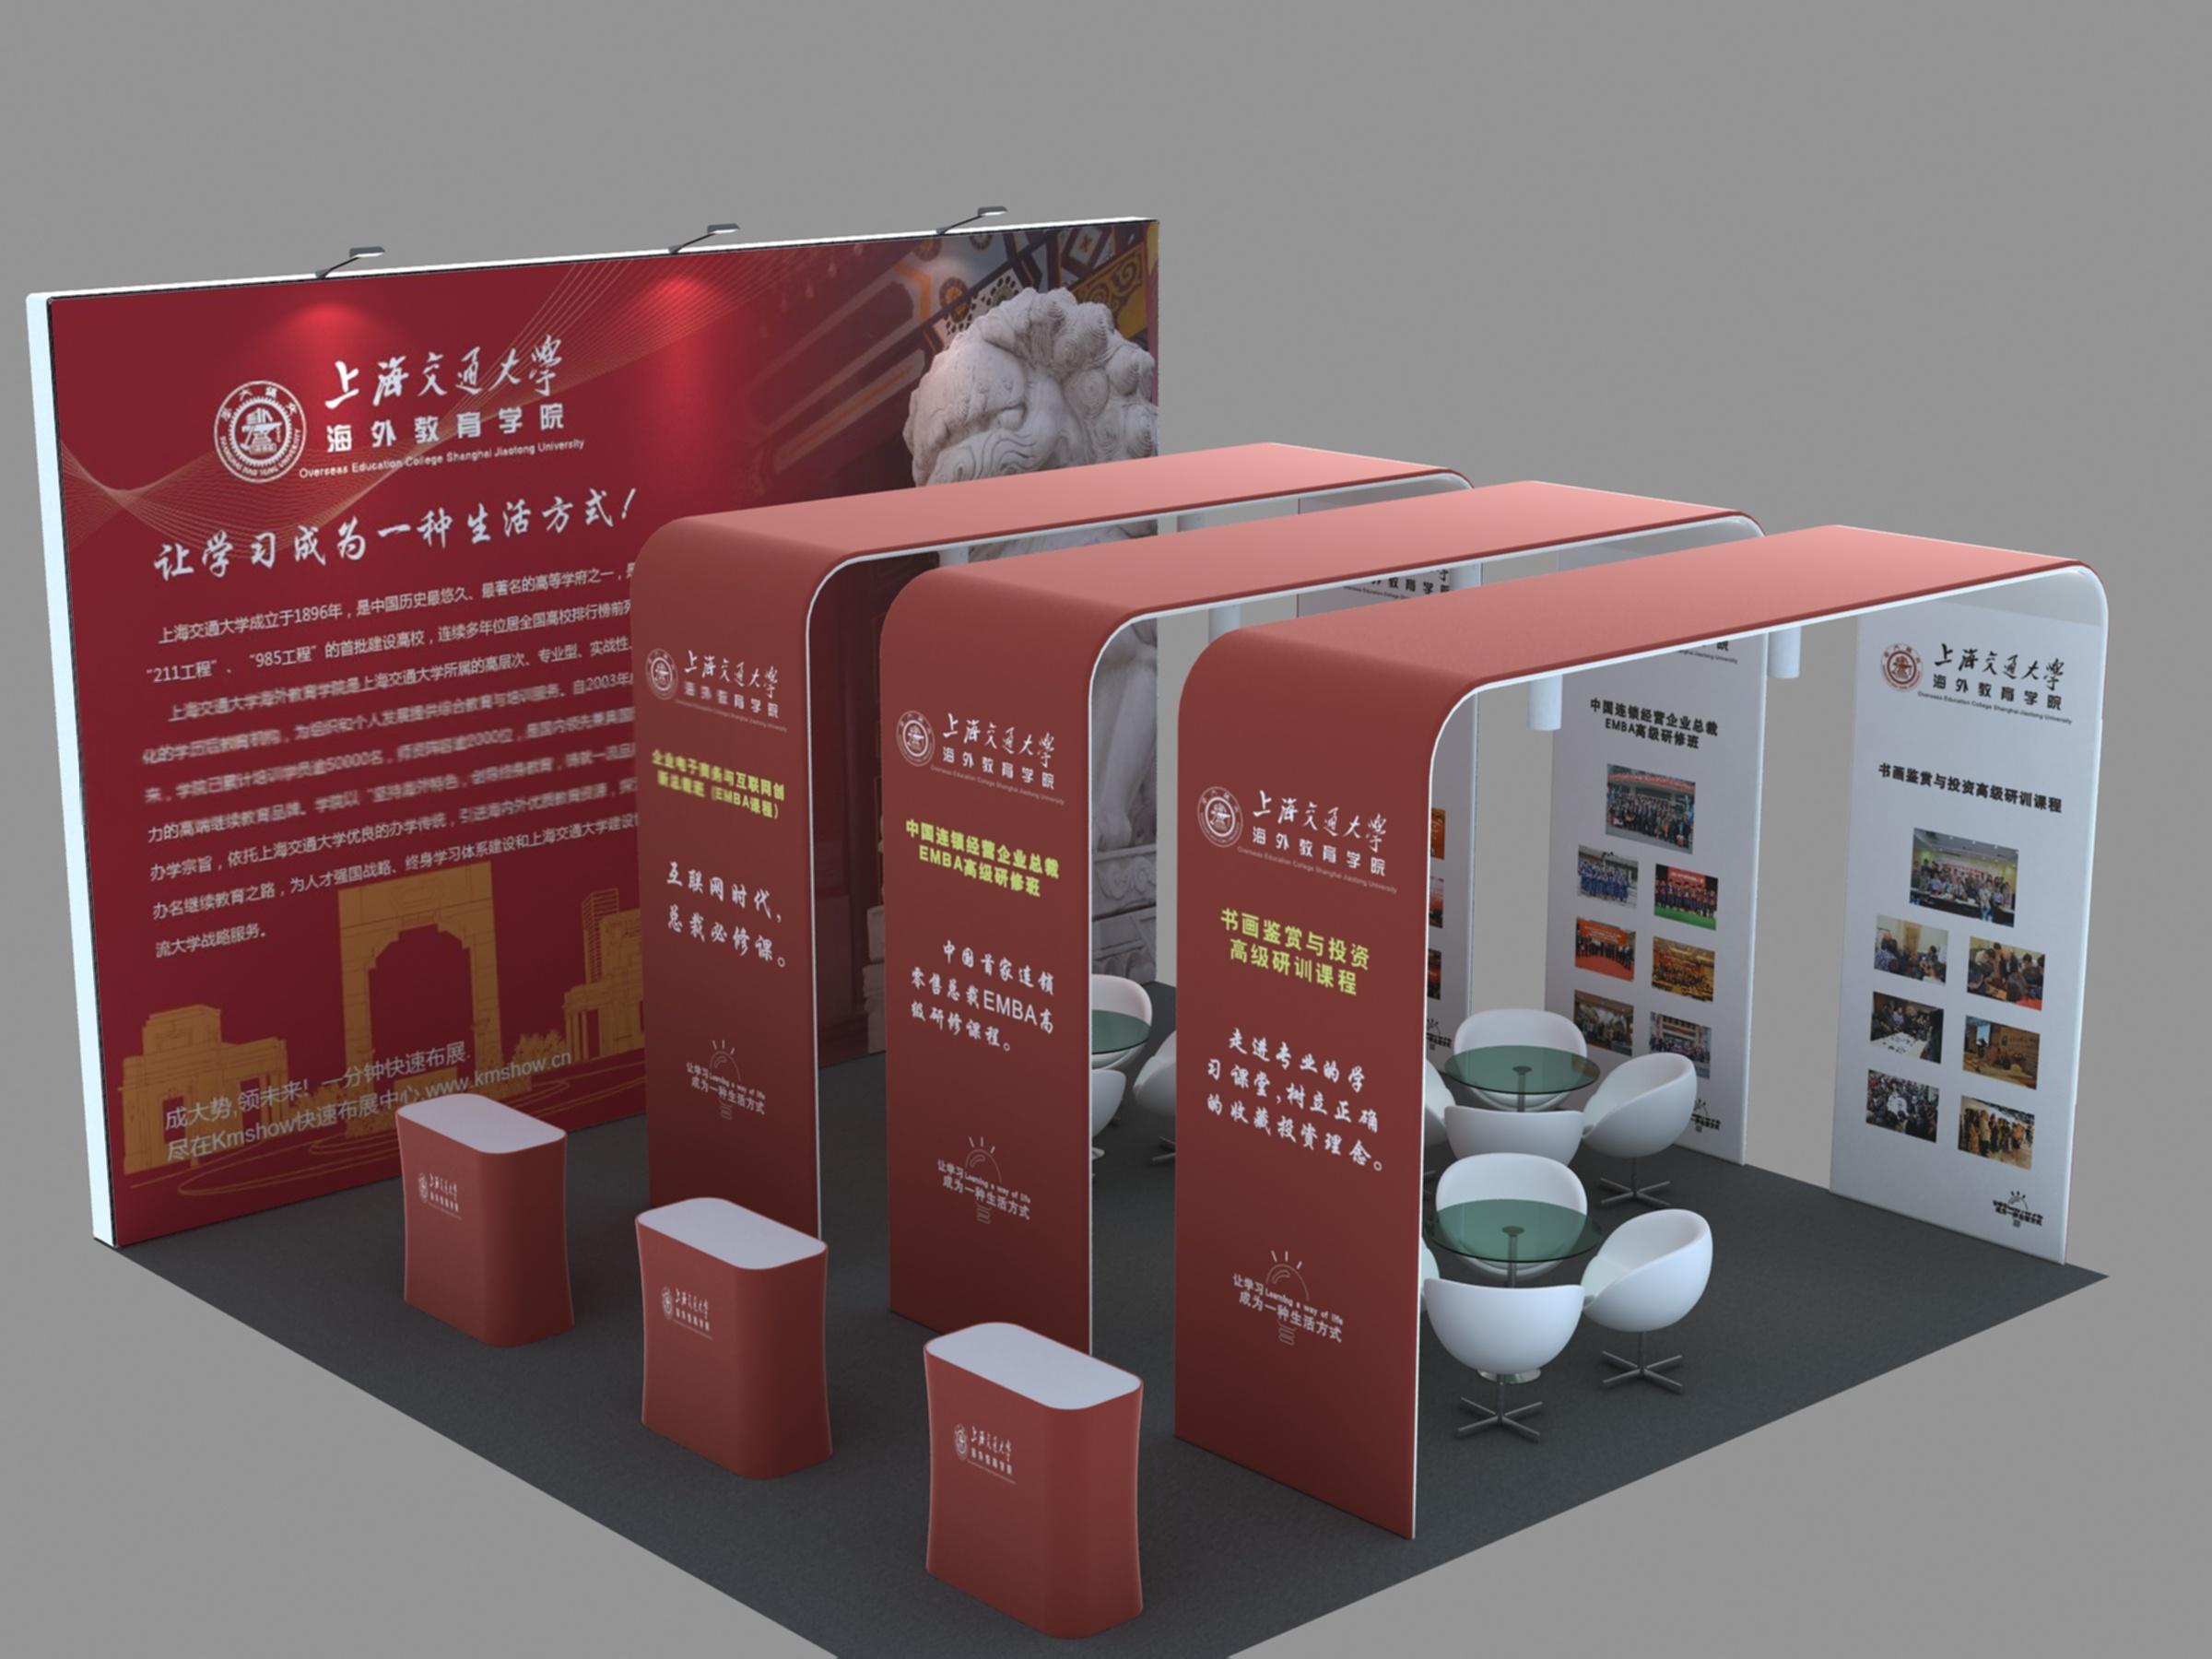 ��.�T_上海快幕秀国外展览展示设计 展览展厅会场布置设计